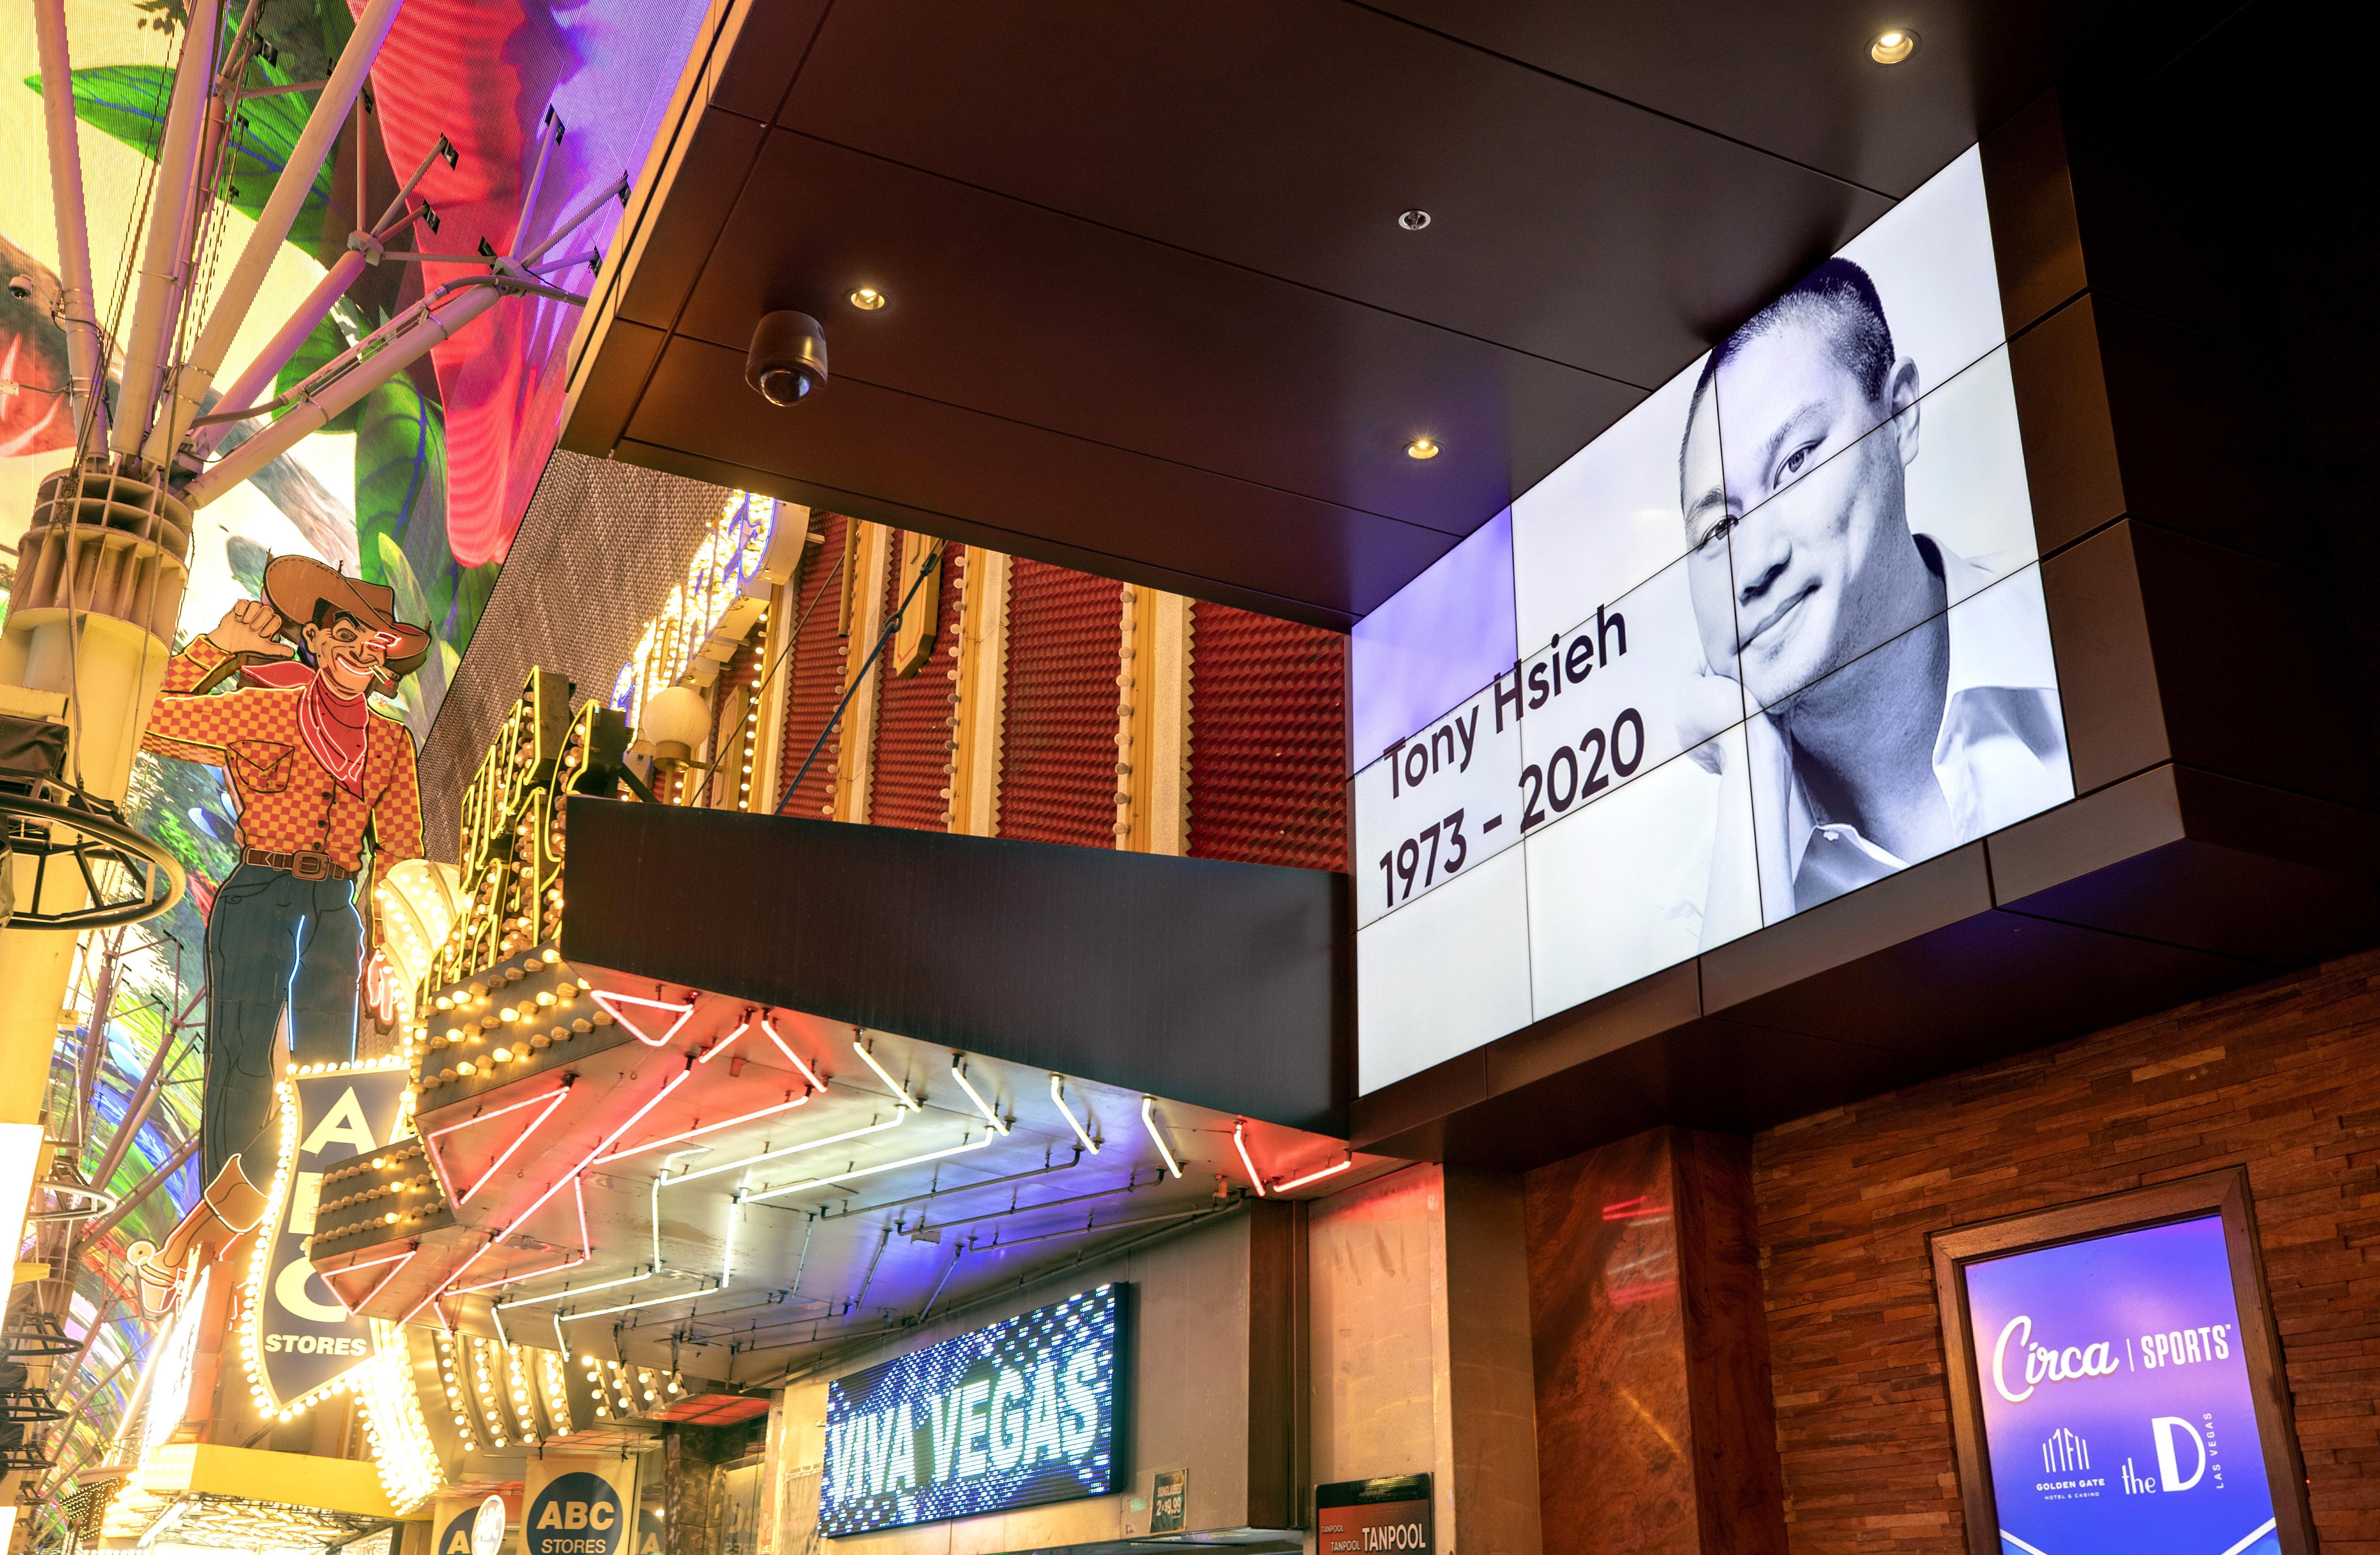 華裔鞋王謝家華火警受傷送院搶救9天後,終告不治。圖為在拉斯維加斯市中心的金門賭場酒店屏幕,播放其生平回顧。    美聯社